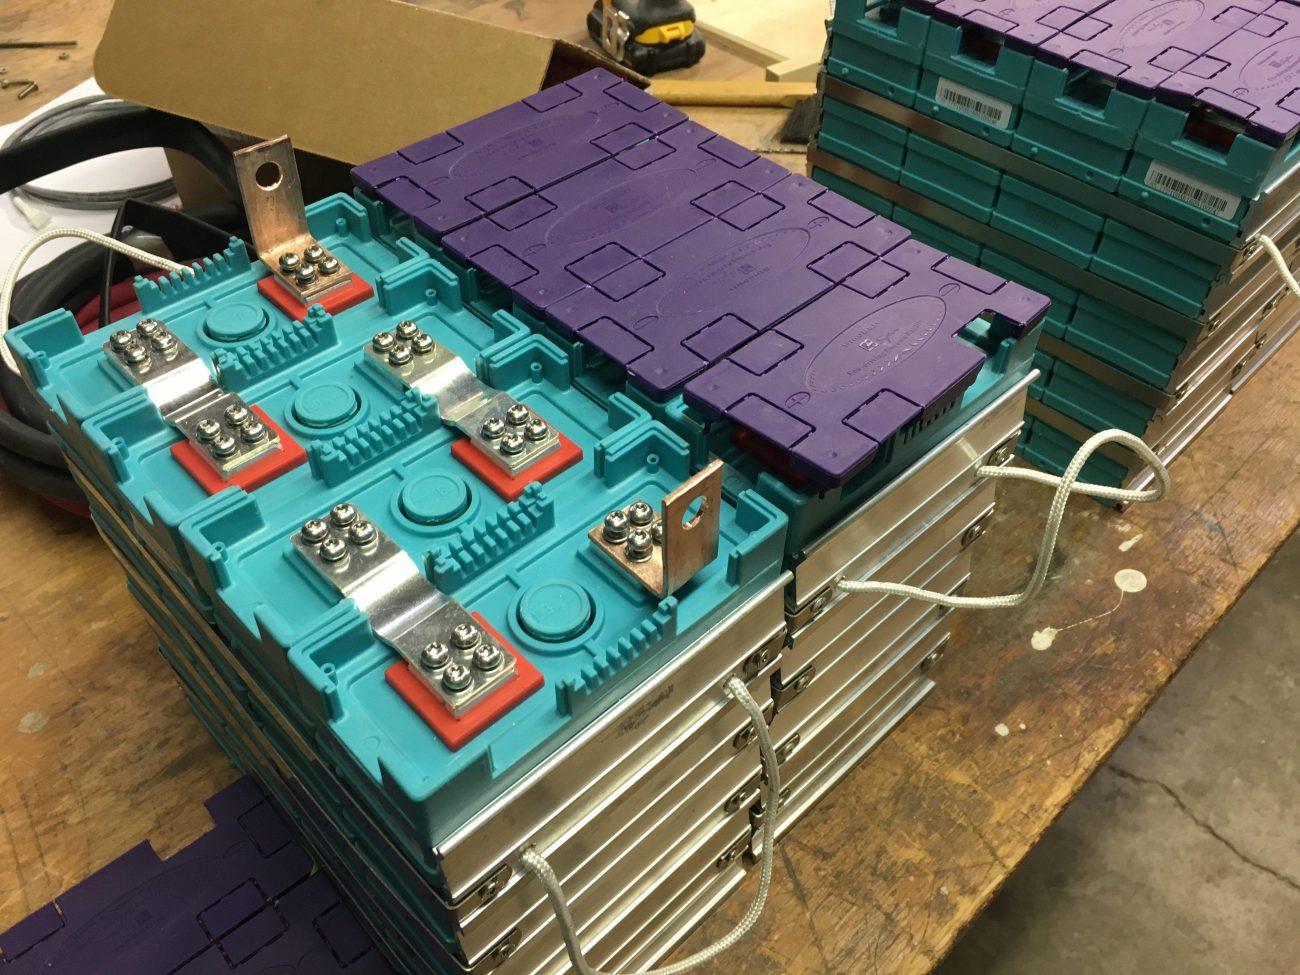 Adding copper bars in preparation for sense boards.